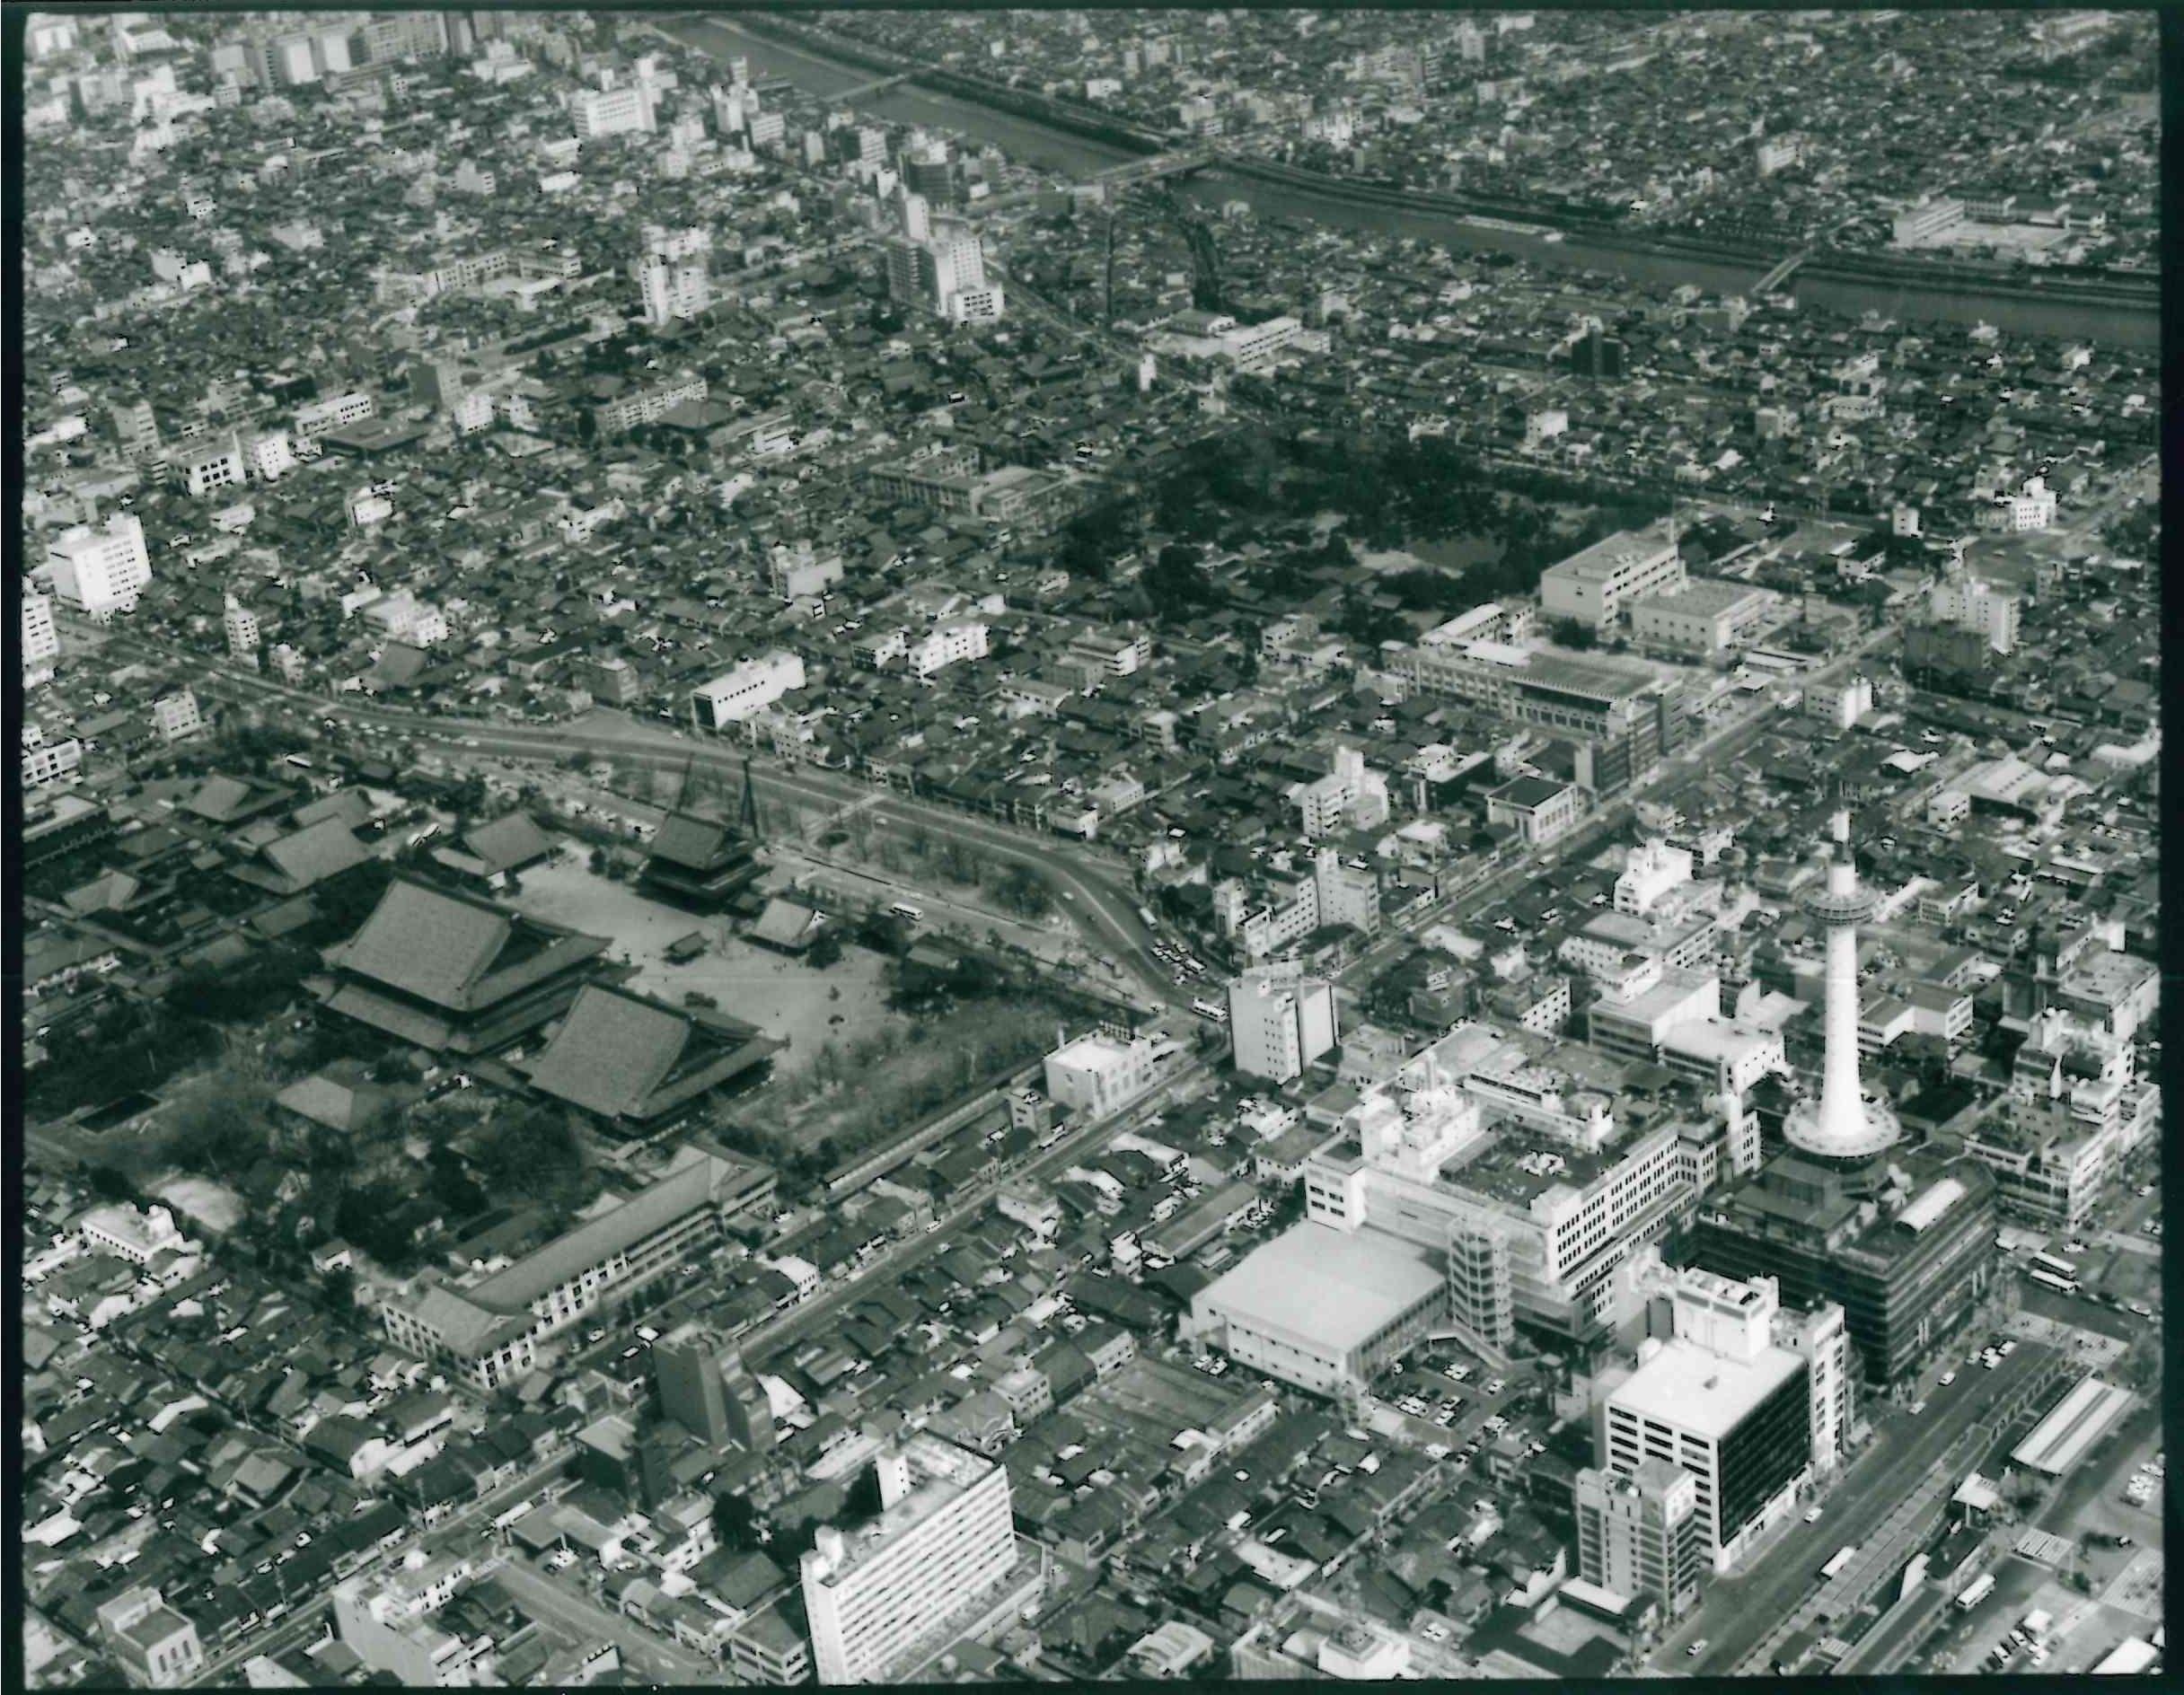 京都駅前東本願寺空撮写真1978年頃